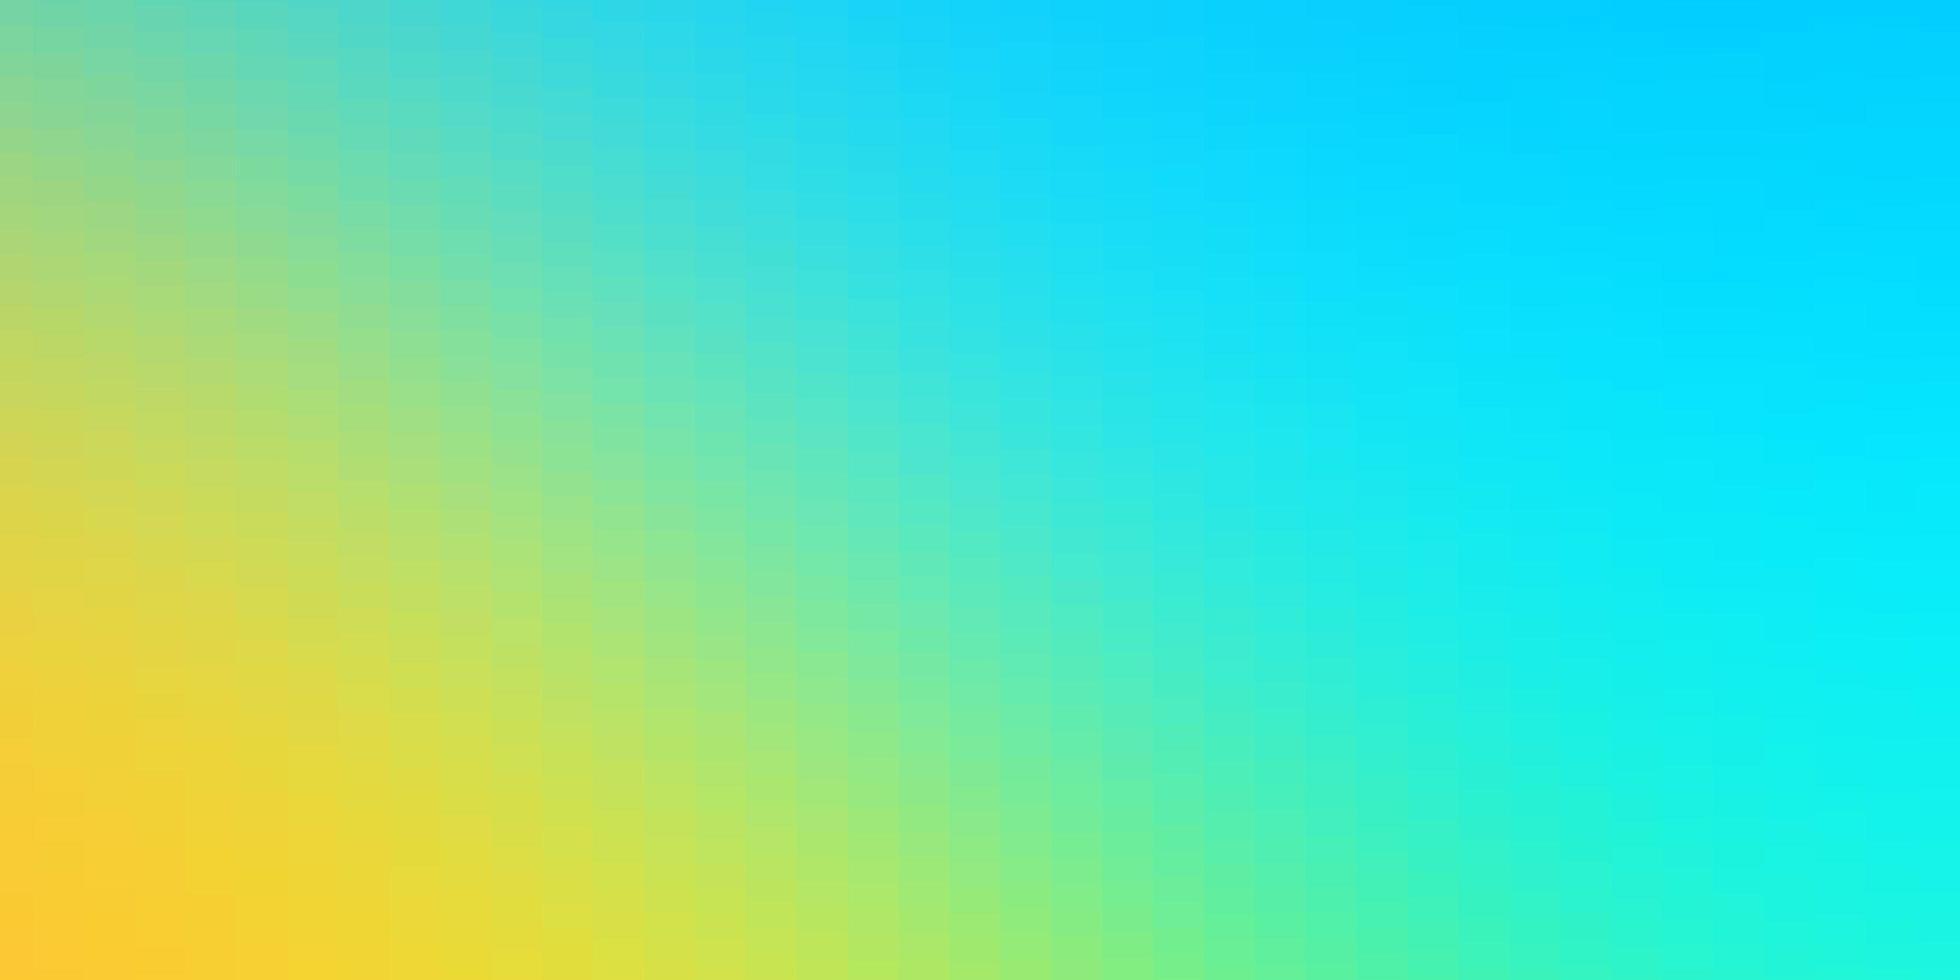 ljusblå, gul mall med rektanglar. vektor